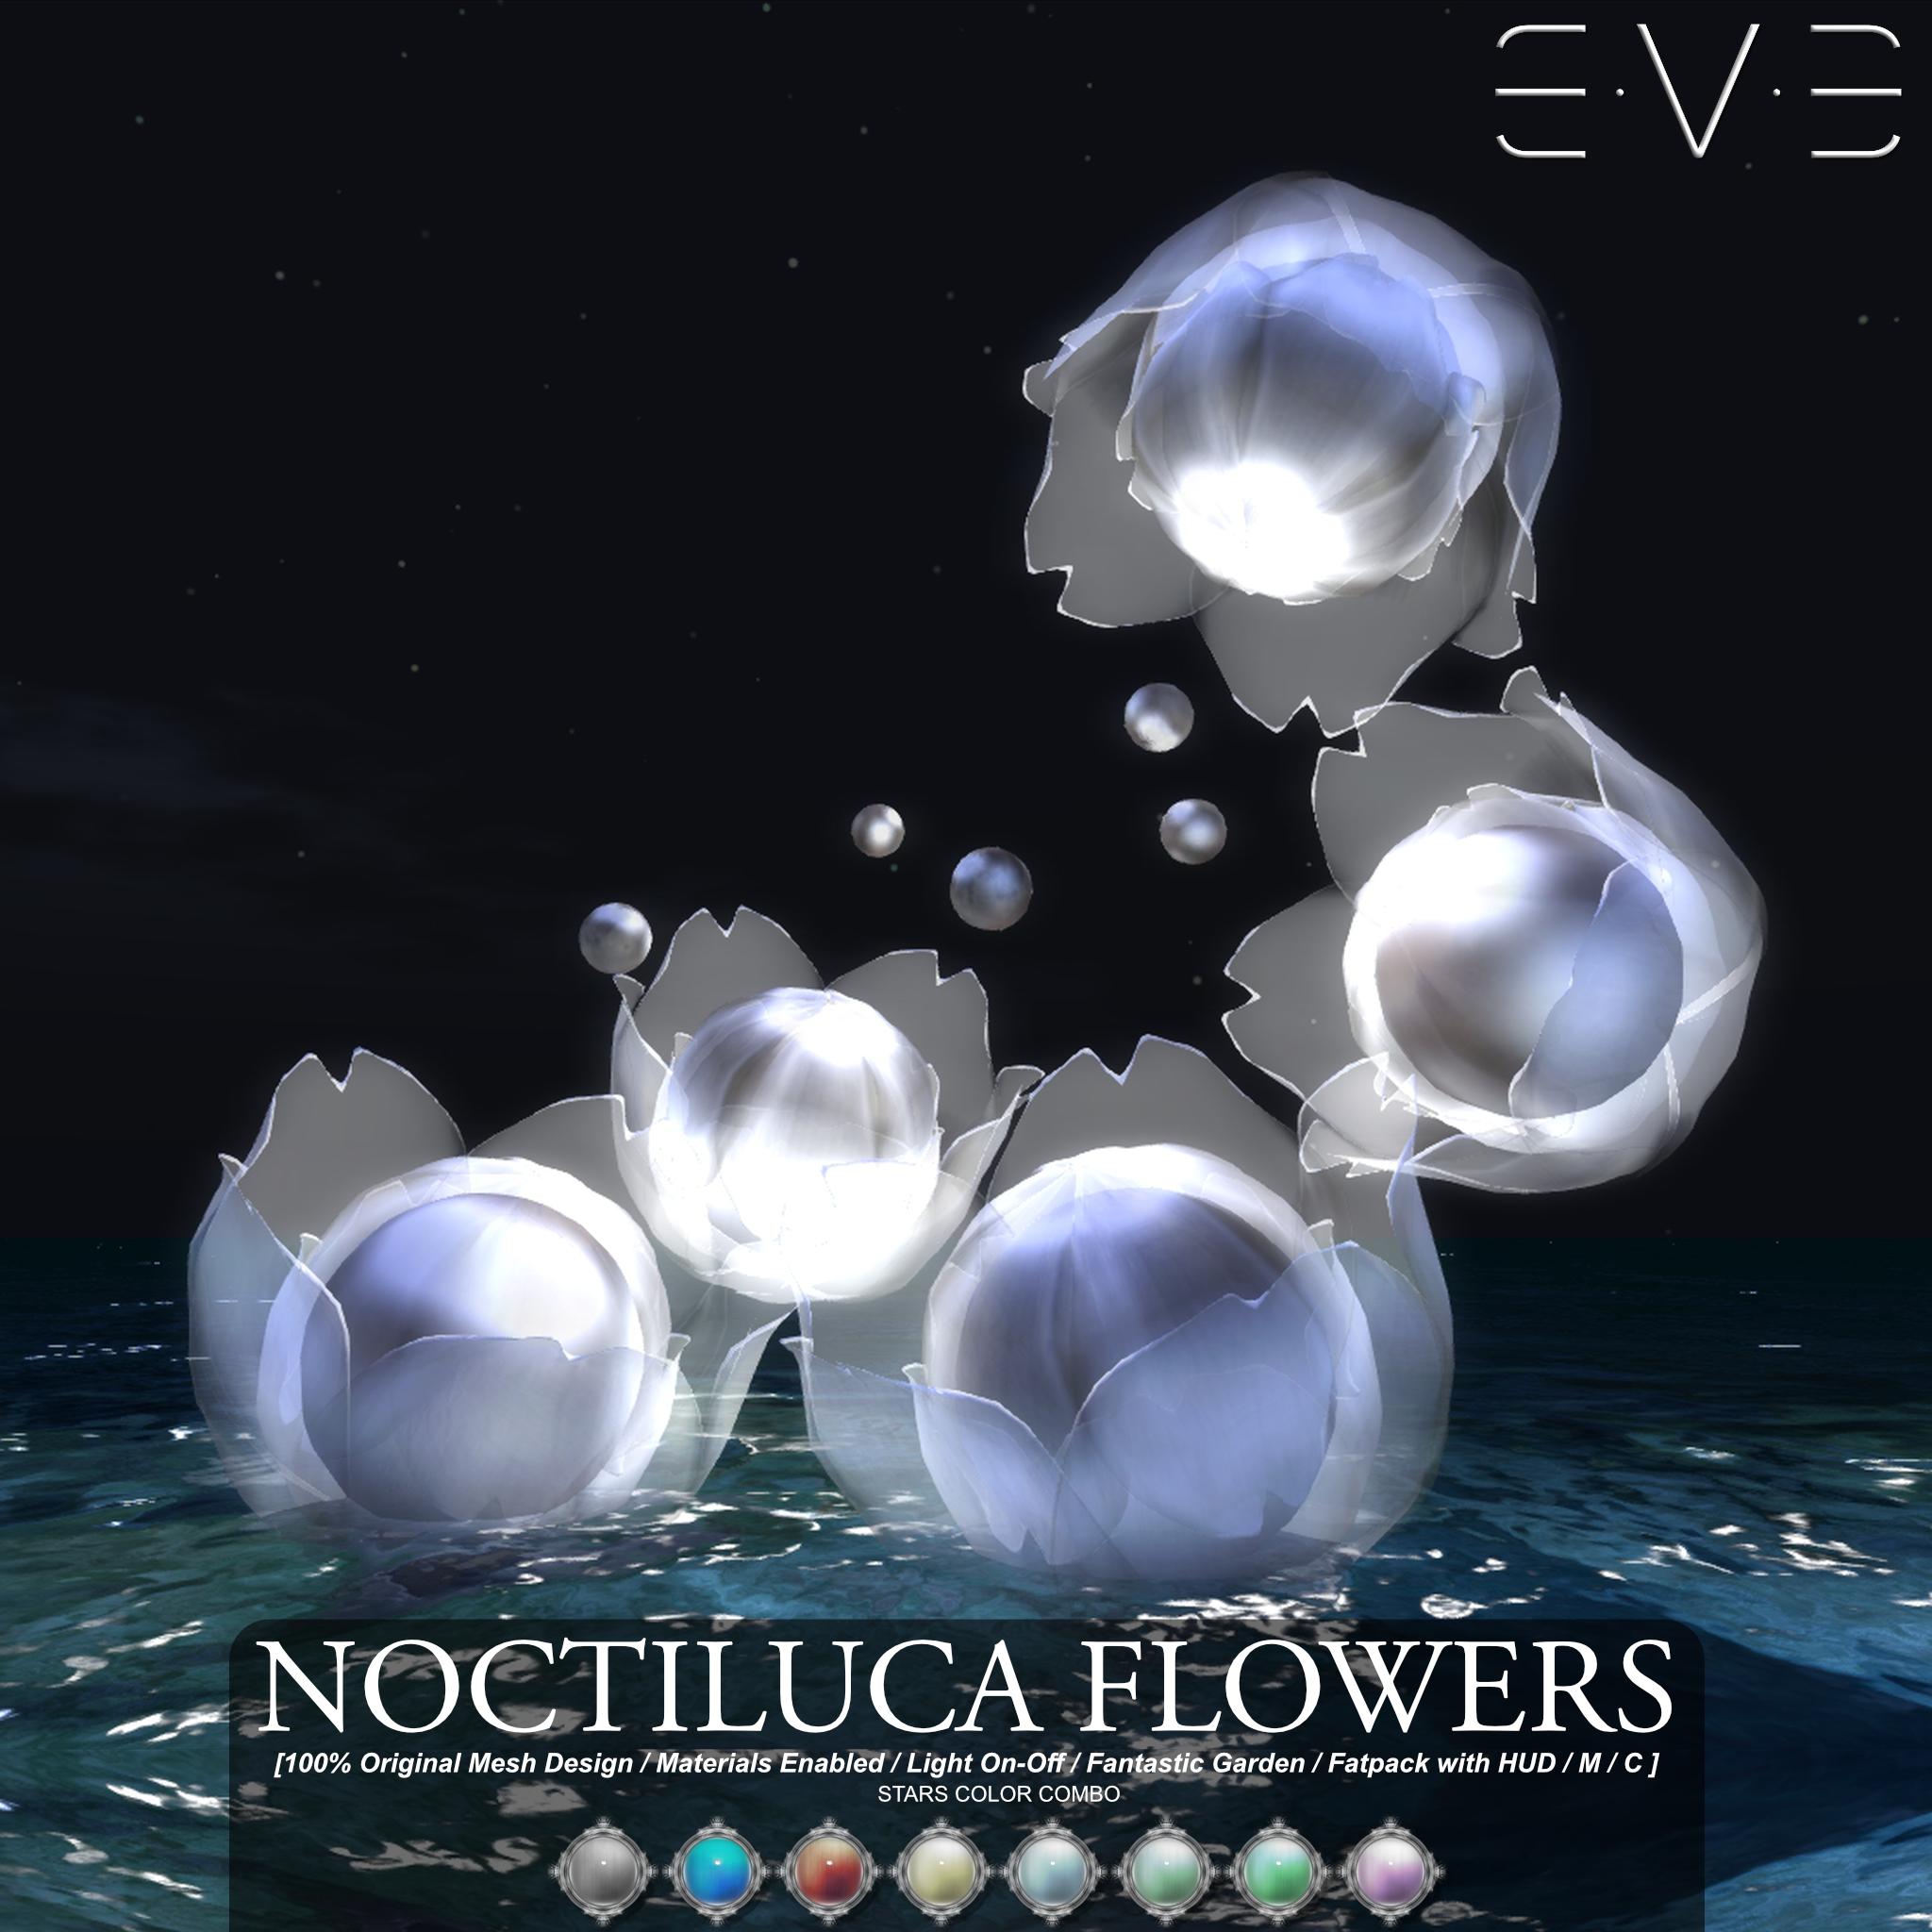 E.V.E Noctiluca Flower V 2048px